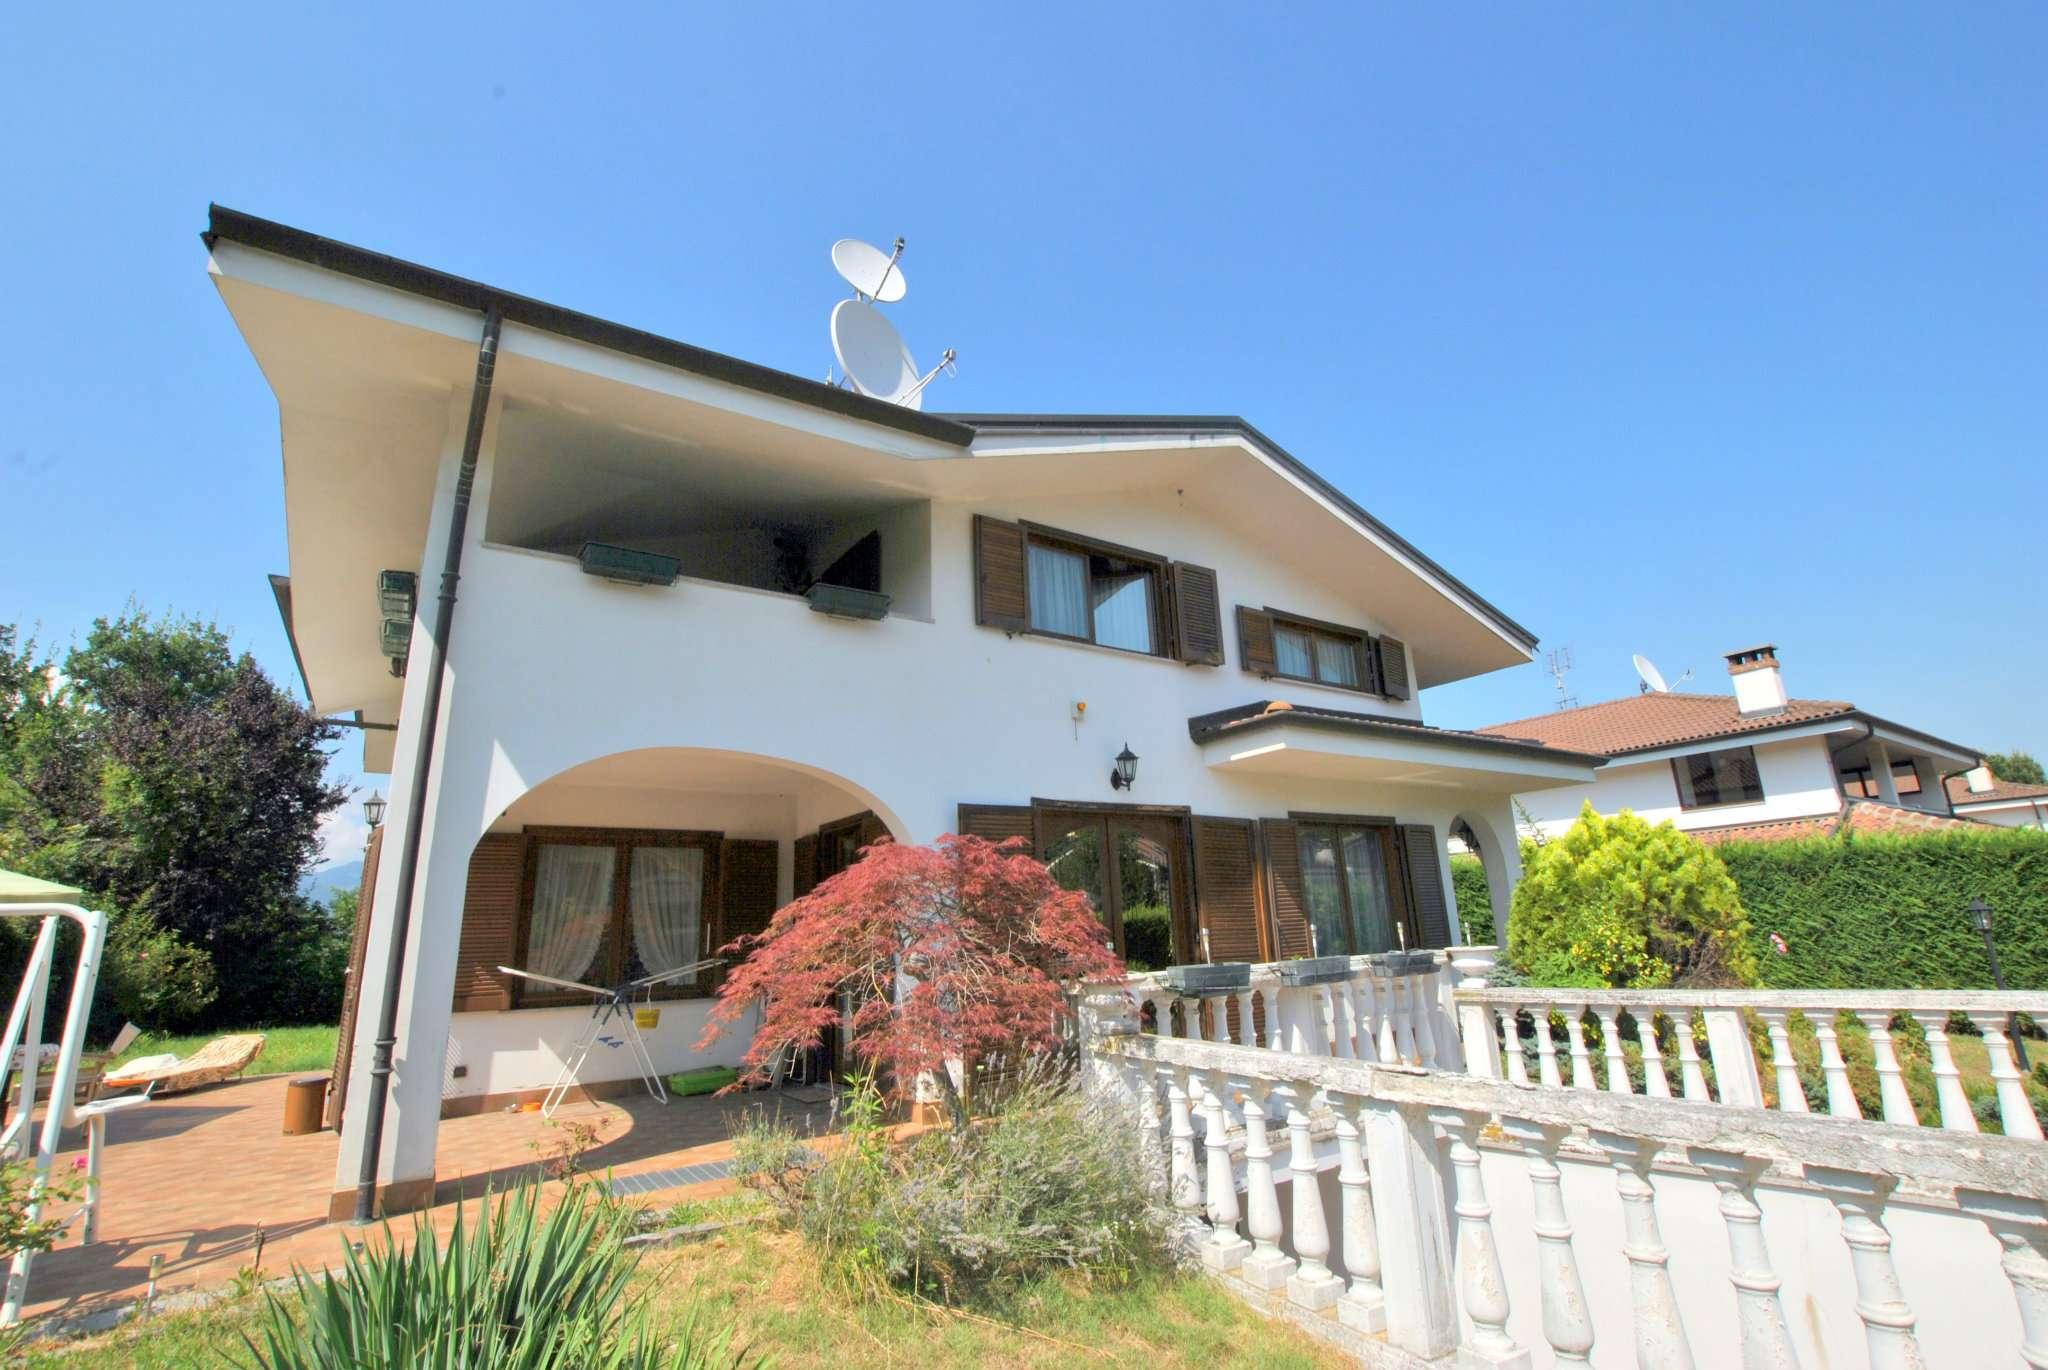 Villa in affitto a Avigliana, 9999 locali, prezzo € 1.600 | CambioCasa.it